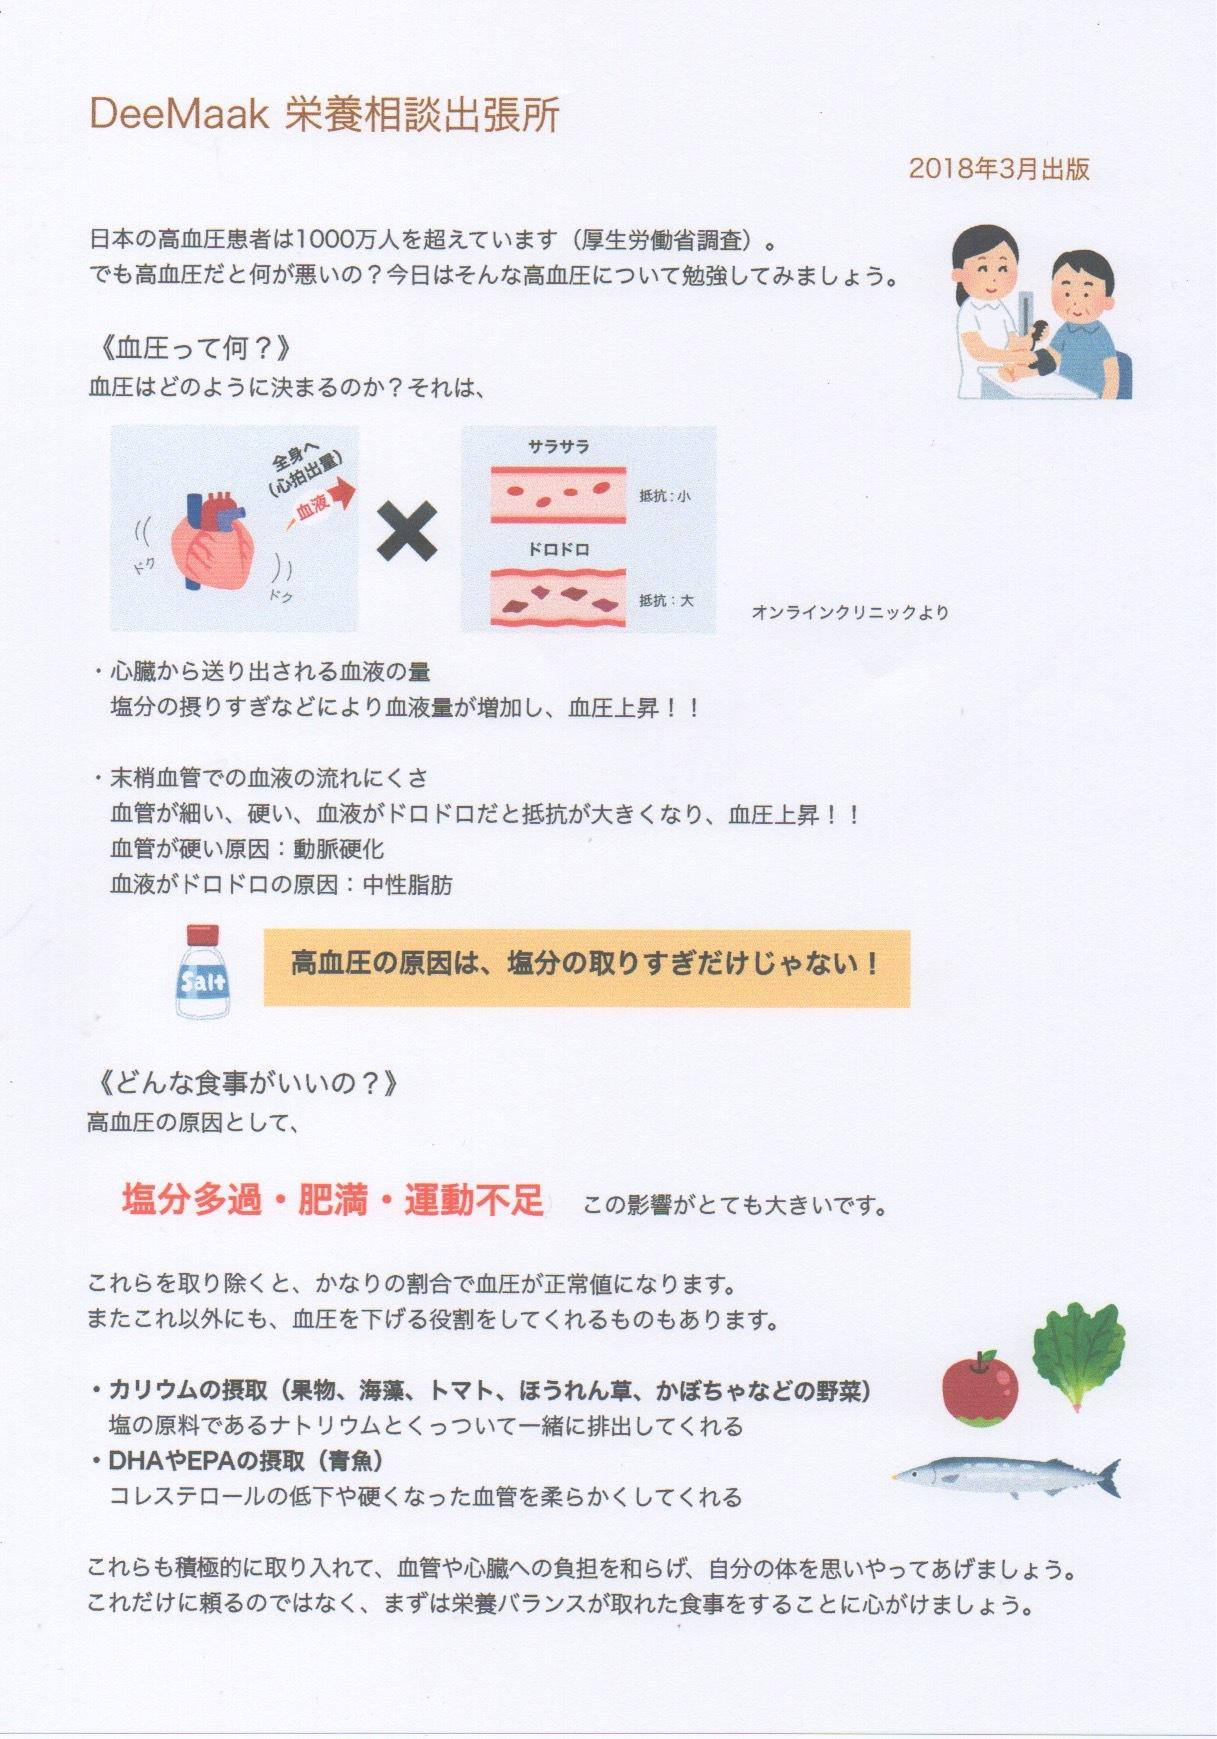 2018031 栄養相談所